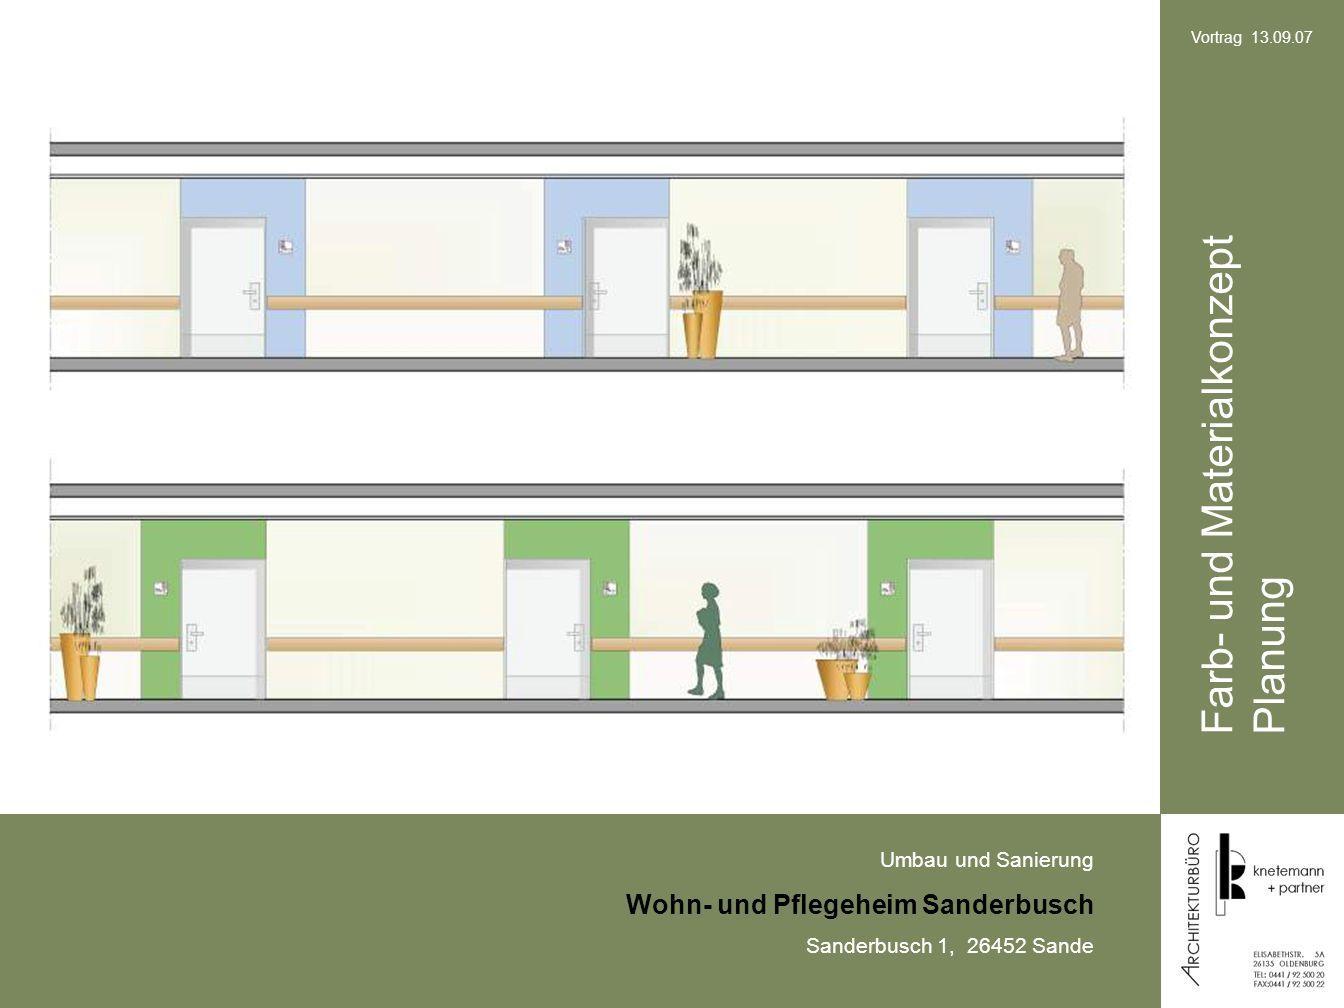 Umbau und Sanierung Wohn- und Pflegeheim Sanderbusch Sanderbusch 1, 26452 Sande Vortrag 13.09.07 Farb- und Materialkonzept Planung